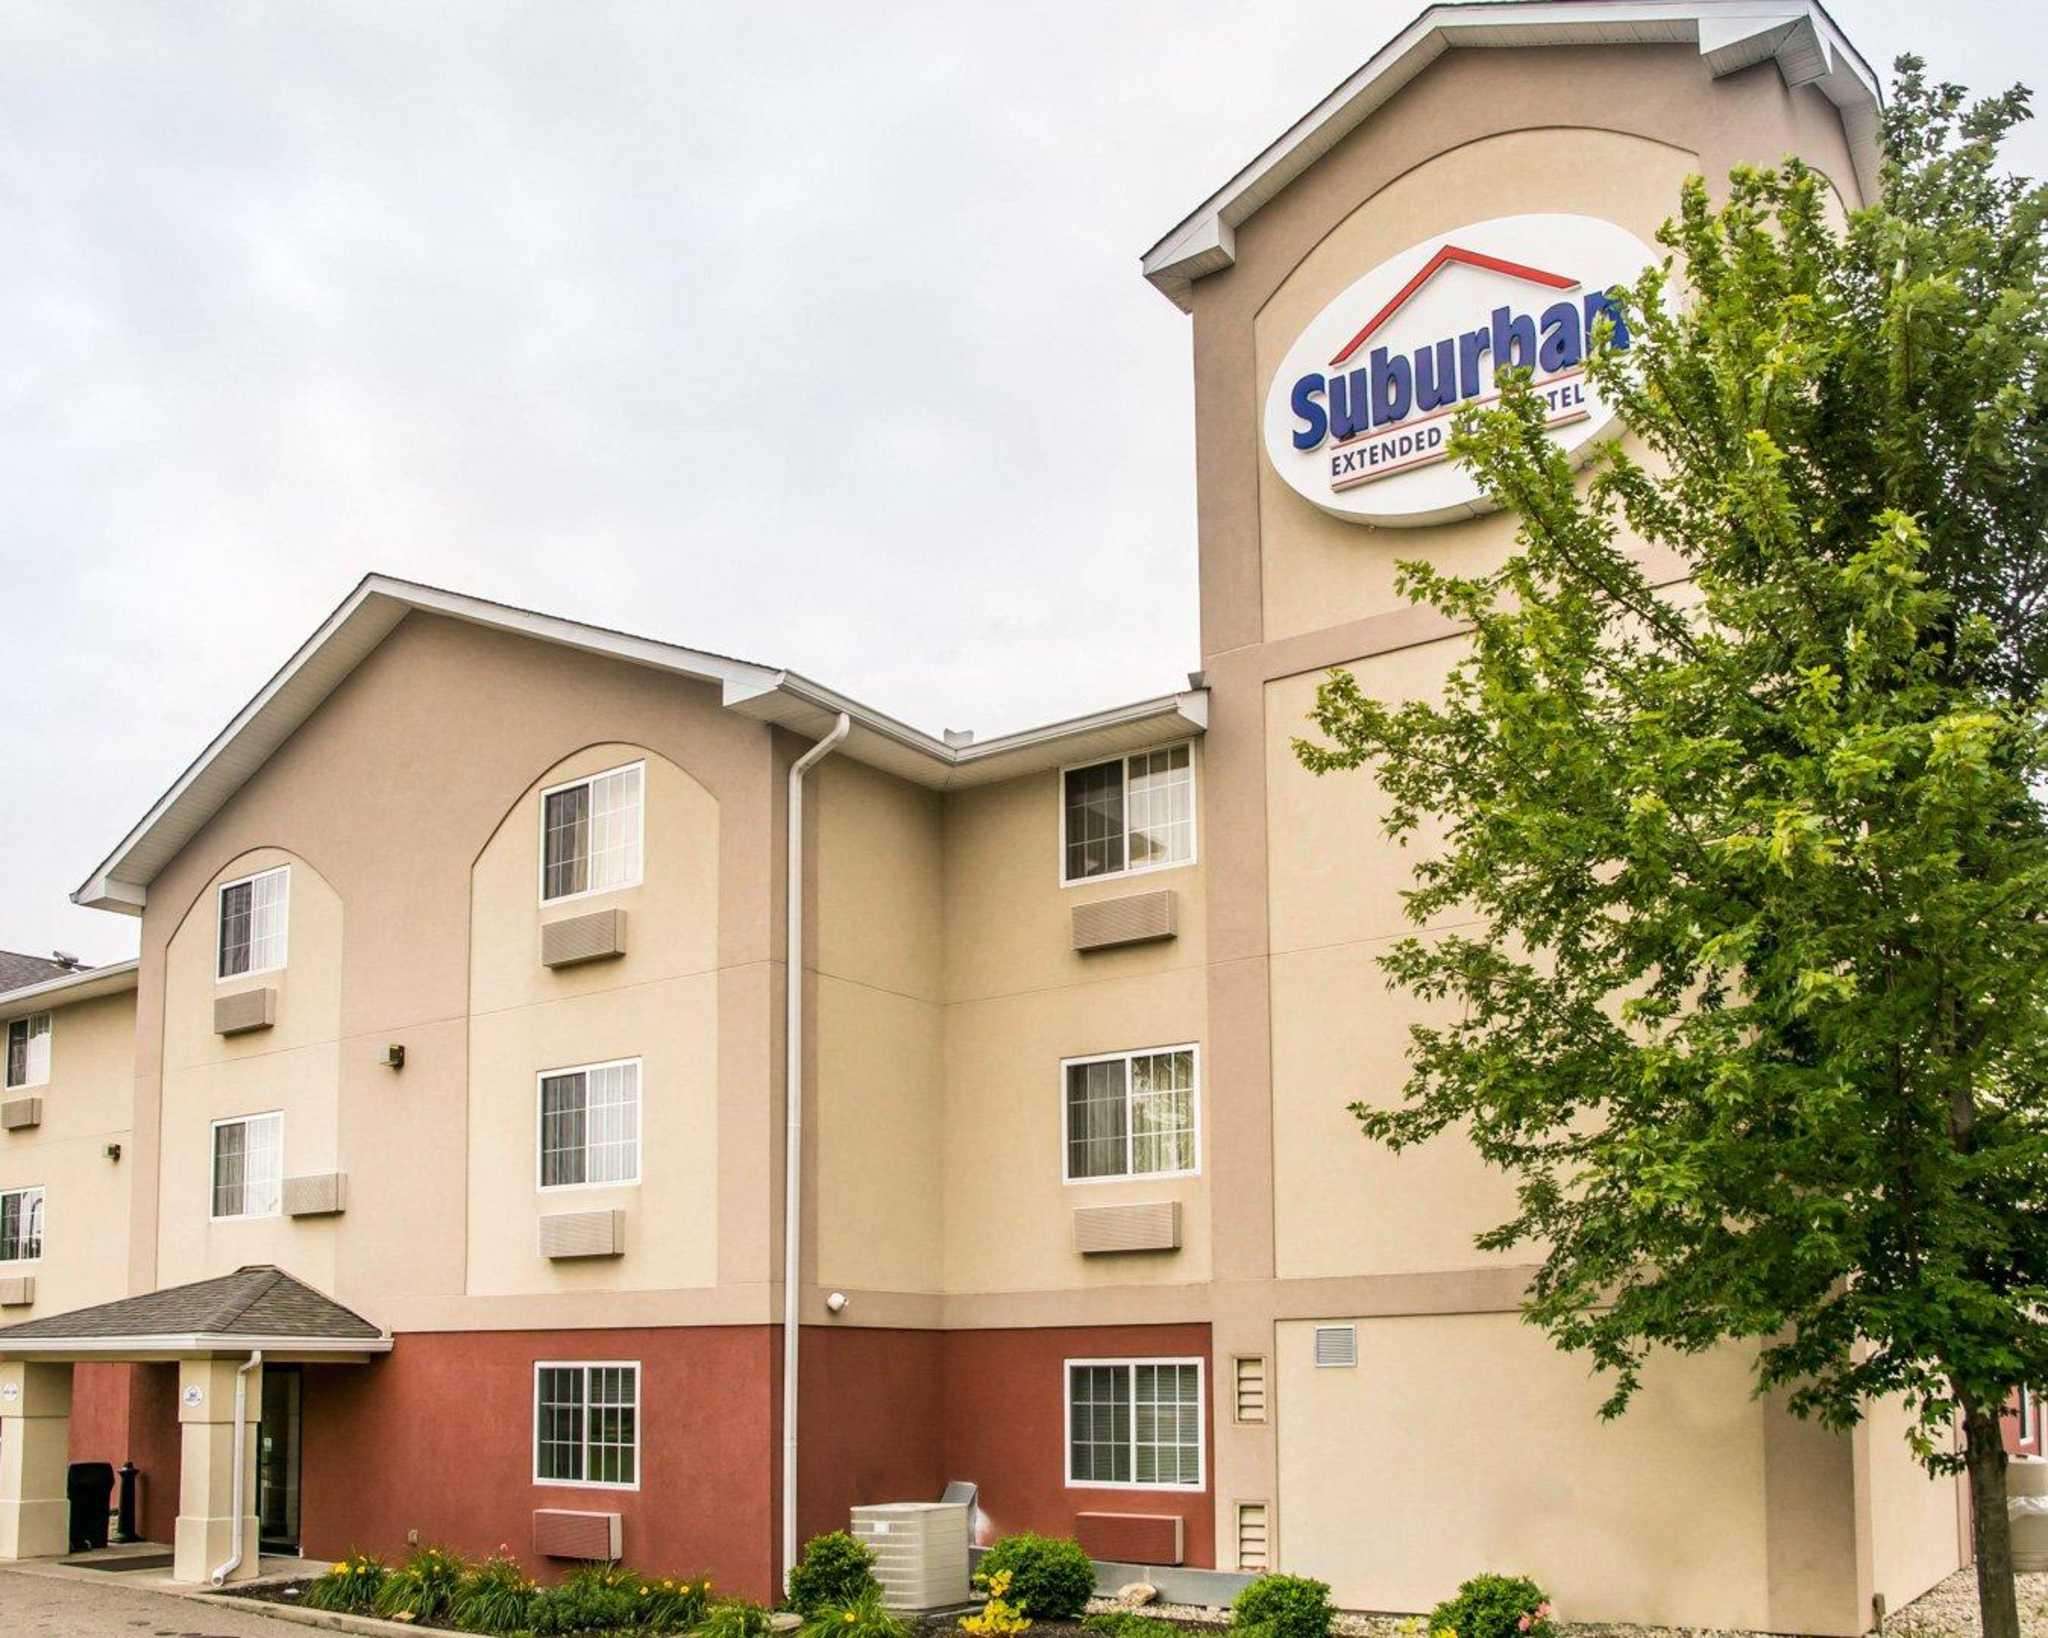 Suburban Extended Stay Hotel Dayton-WP AFB image 2